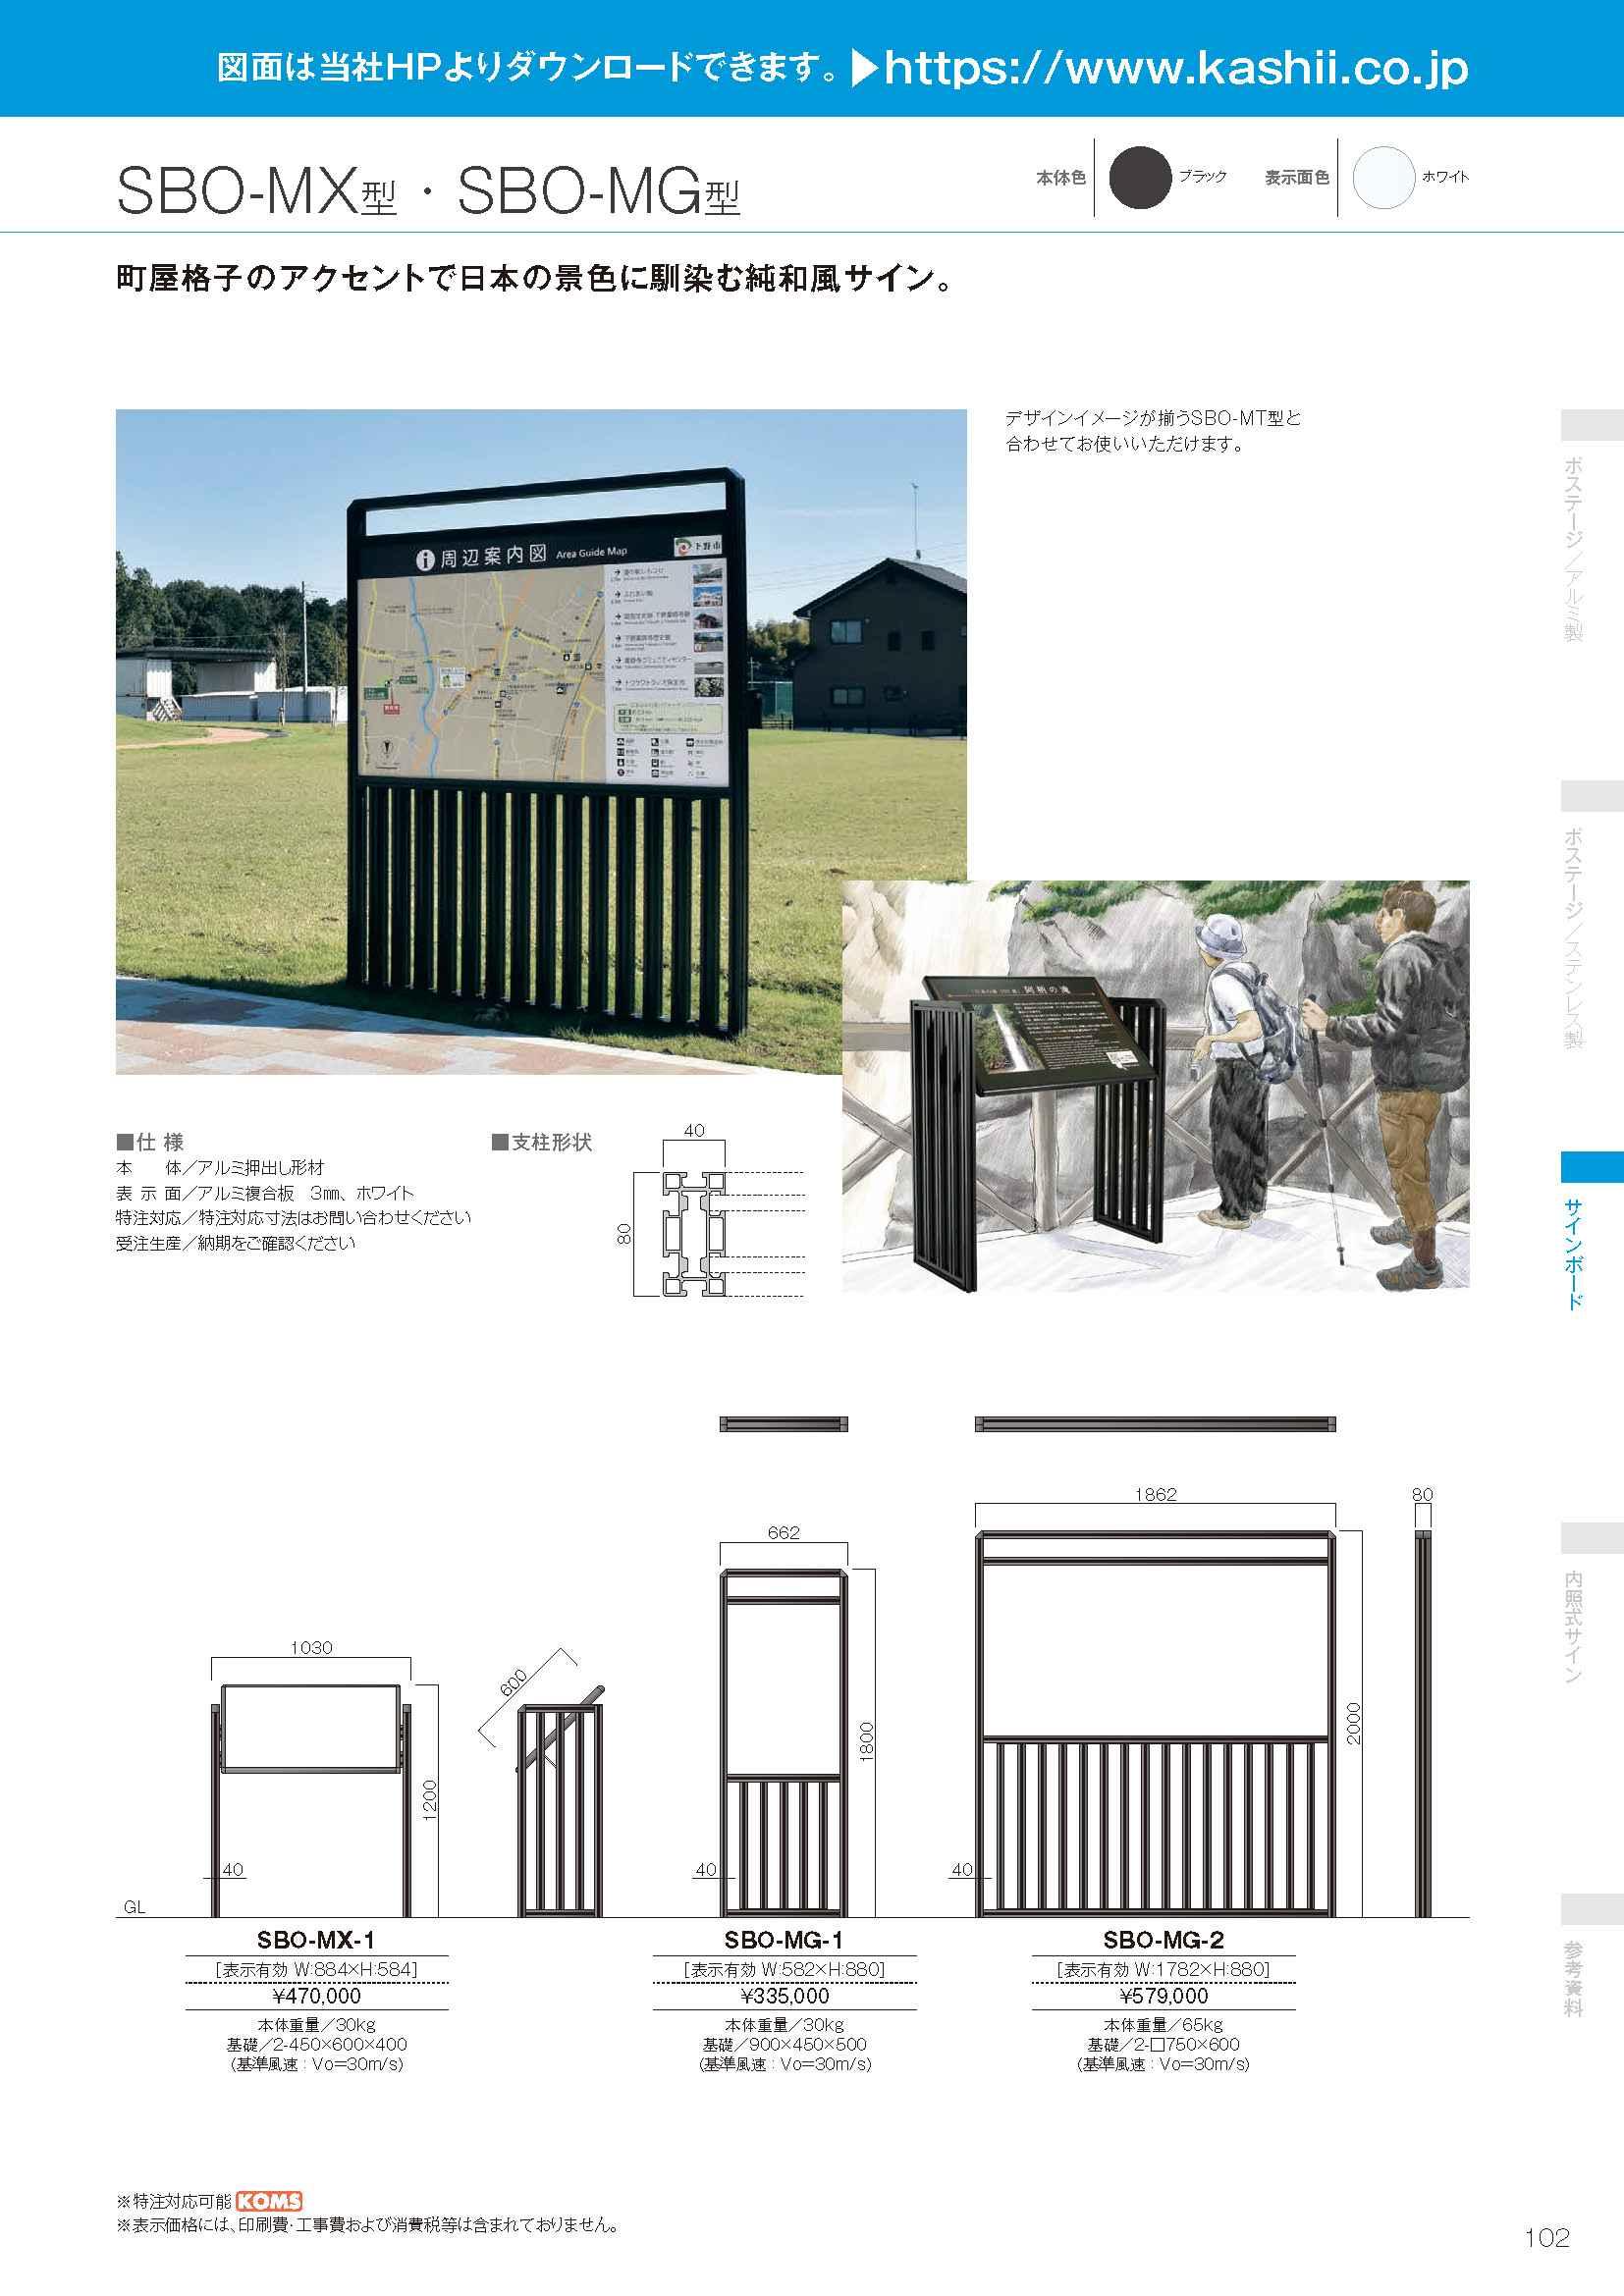 製品カタログ 102-103